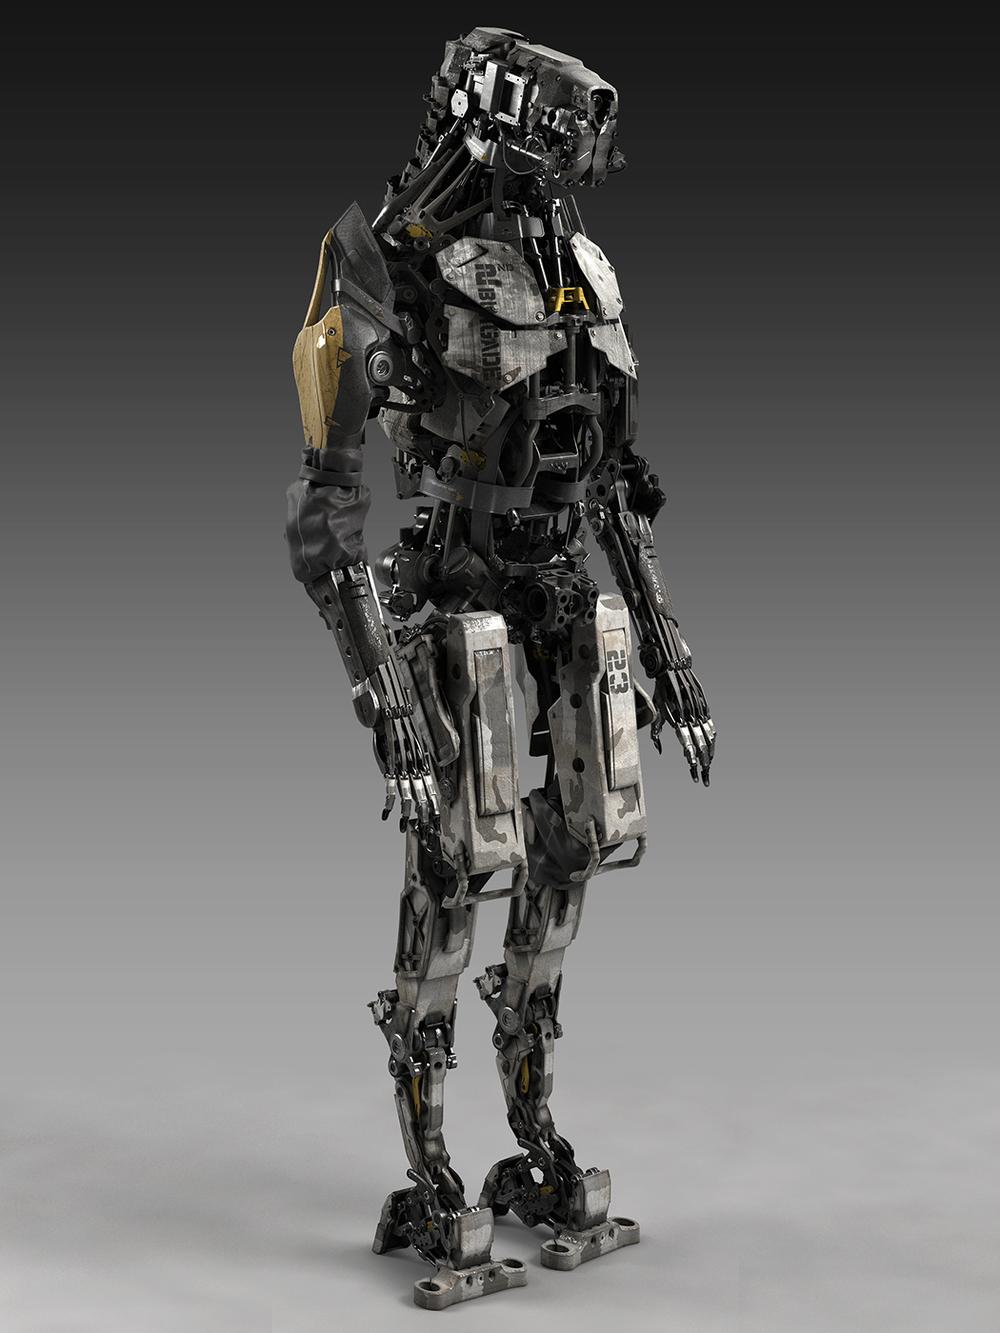 InfantryMech_HiRes_01.jpg